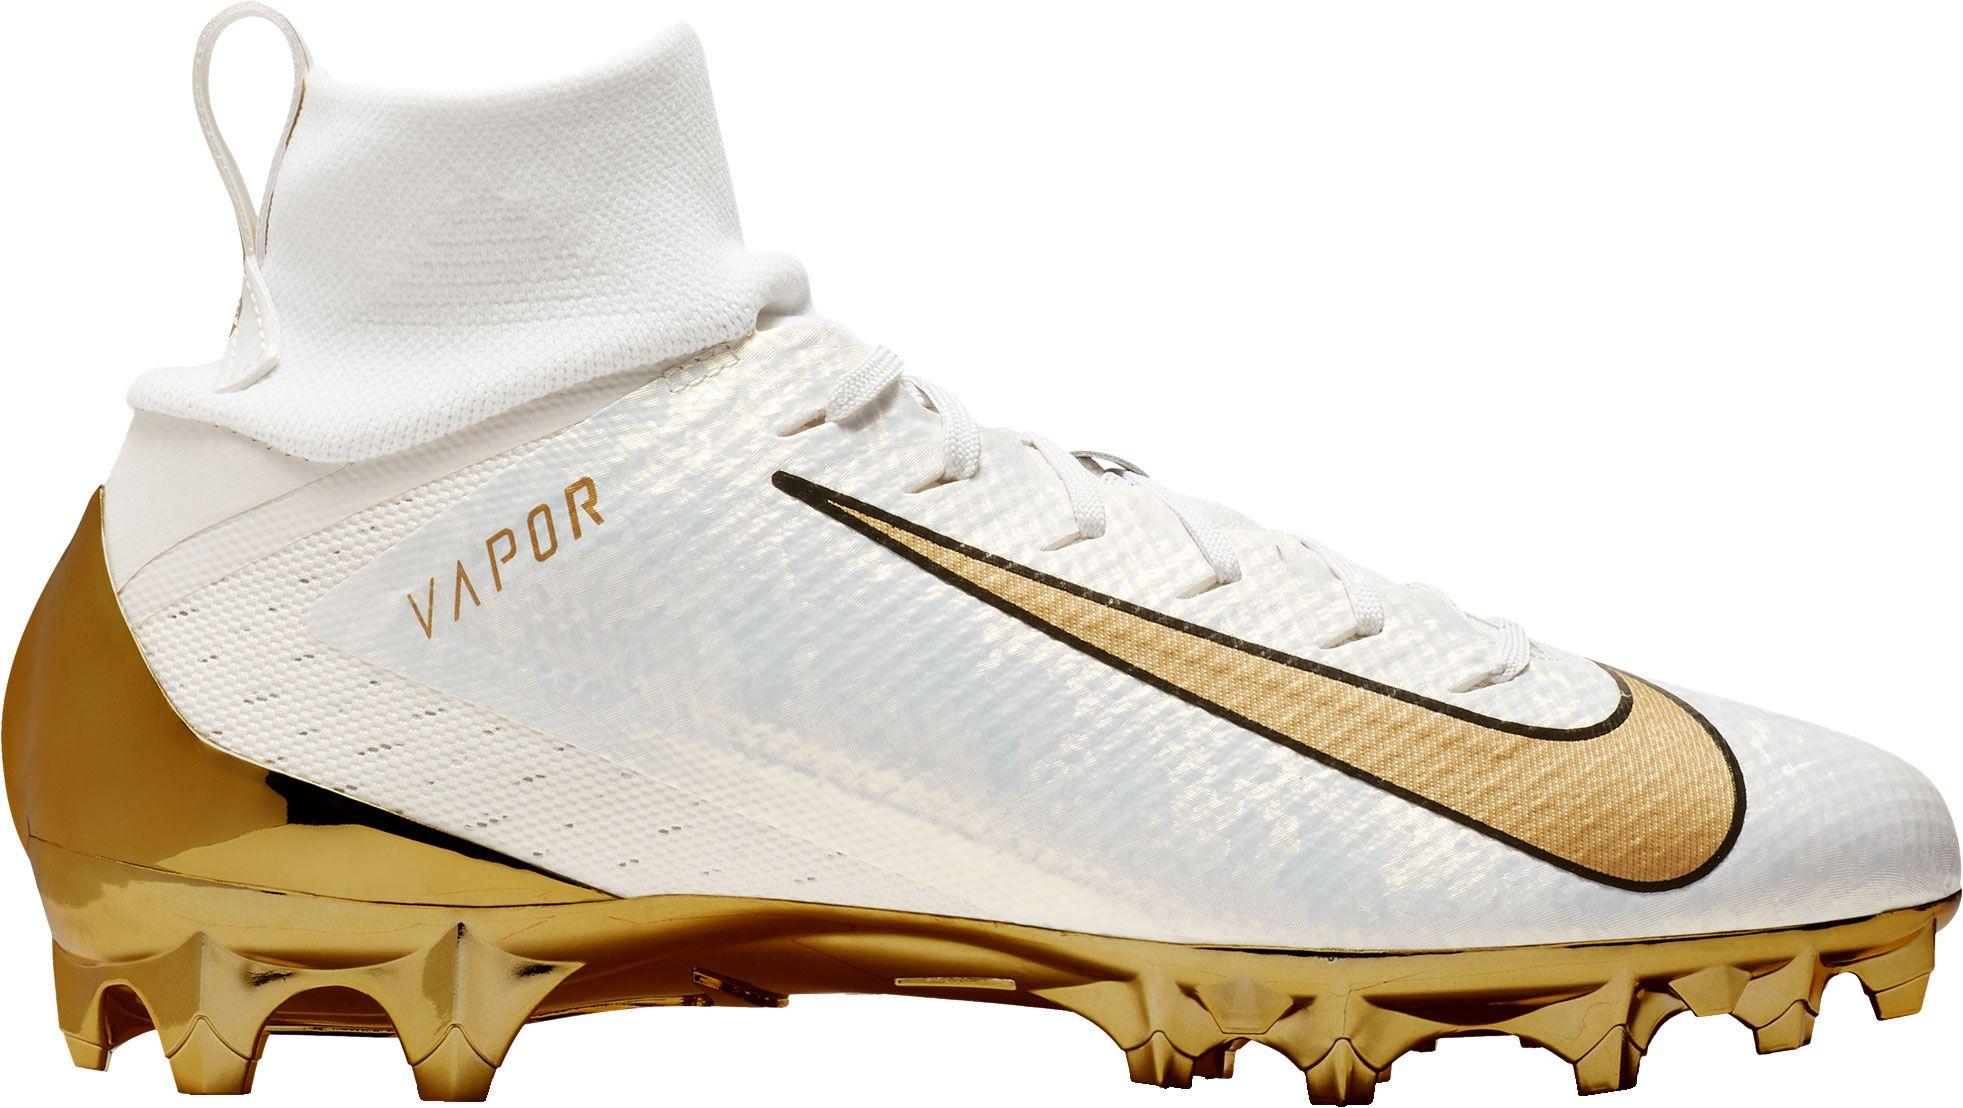 Nike Men's Vapor Untouchable Pro 3 PRM